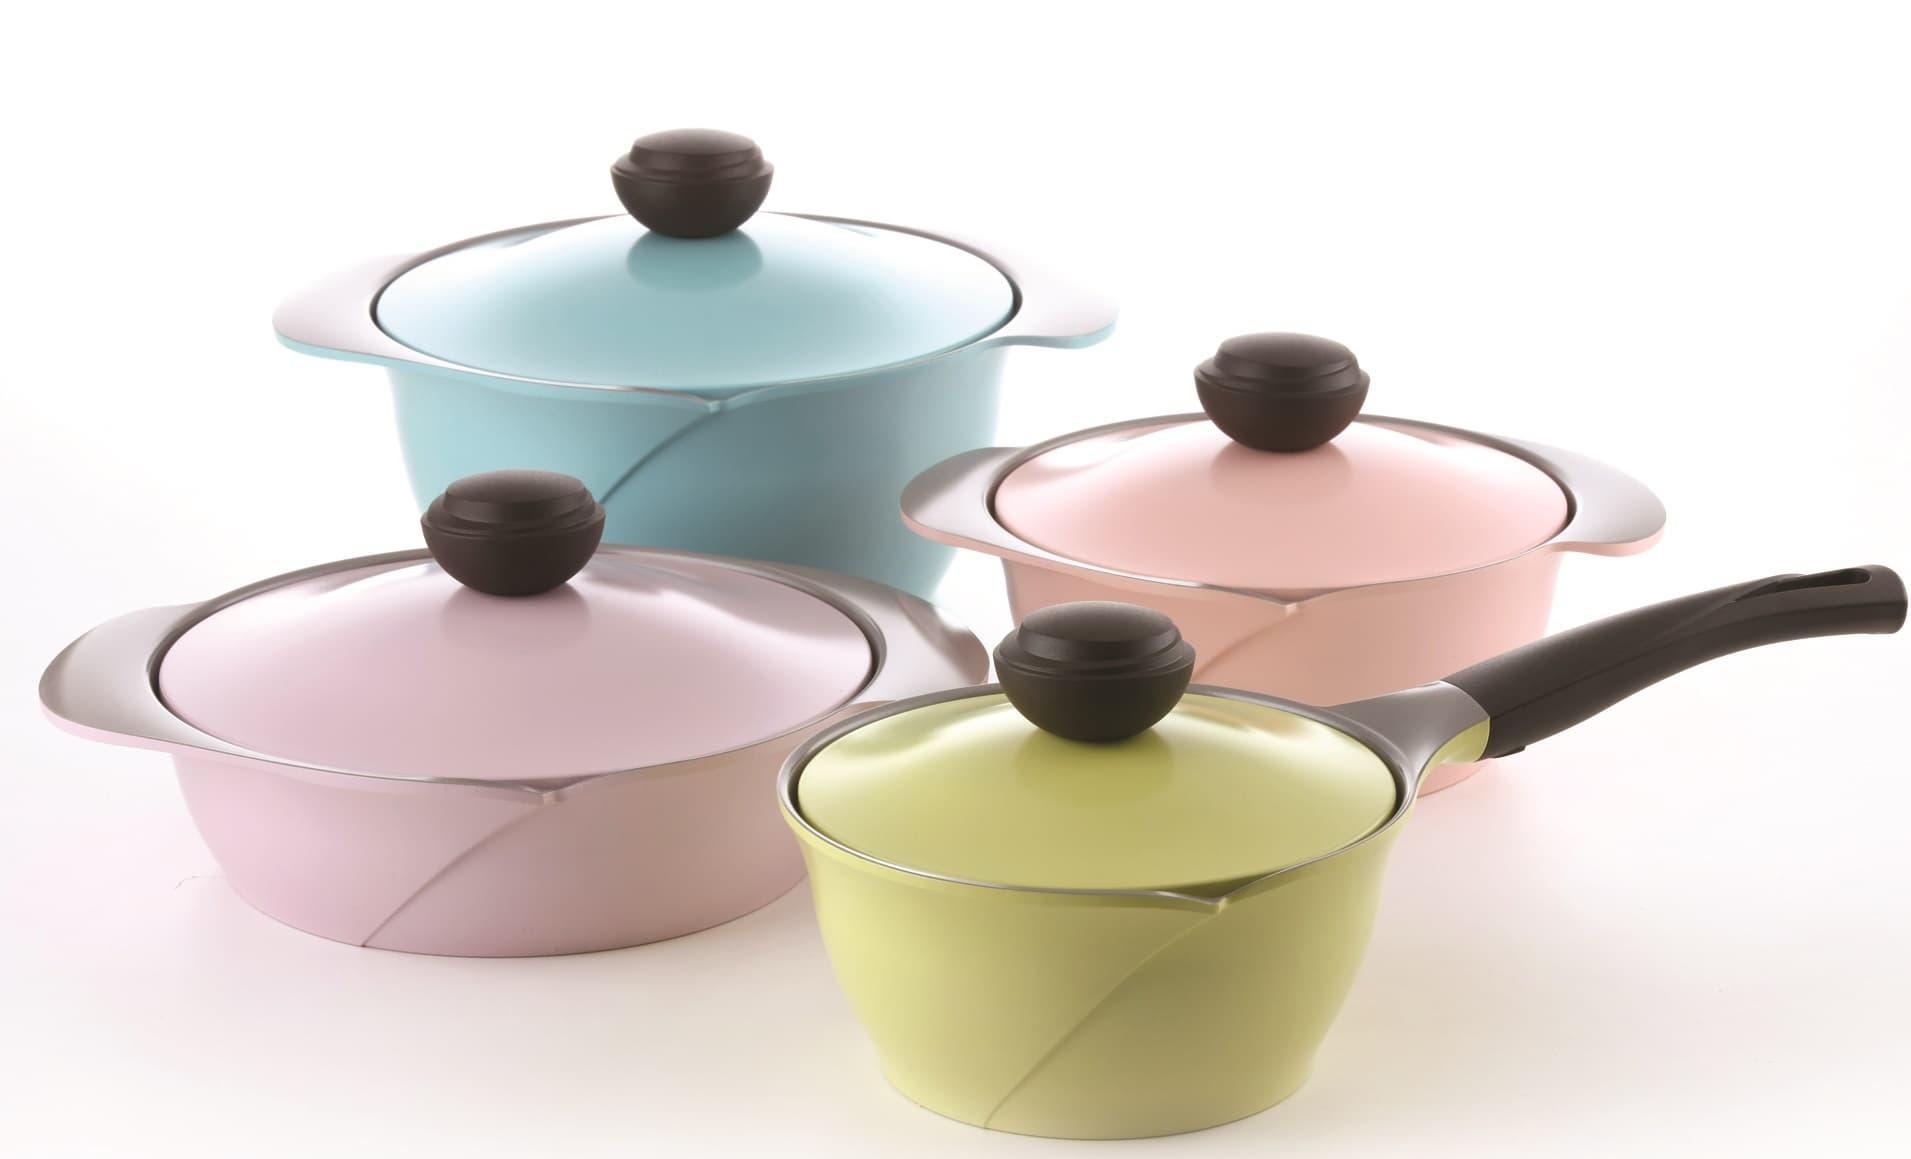 10 Ceramic Fry Pan